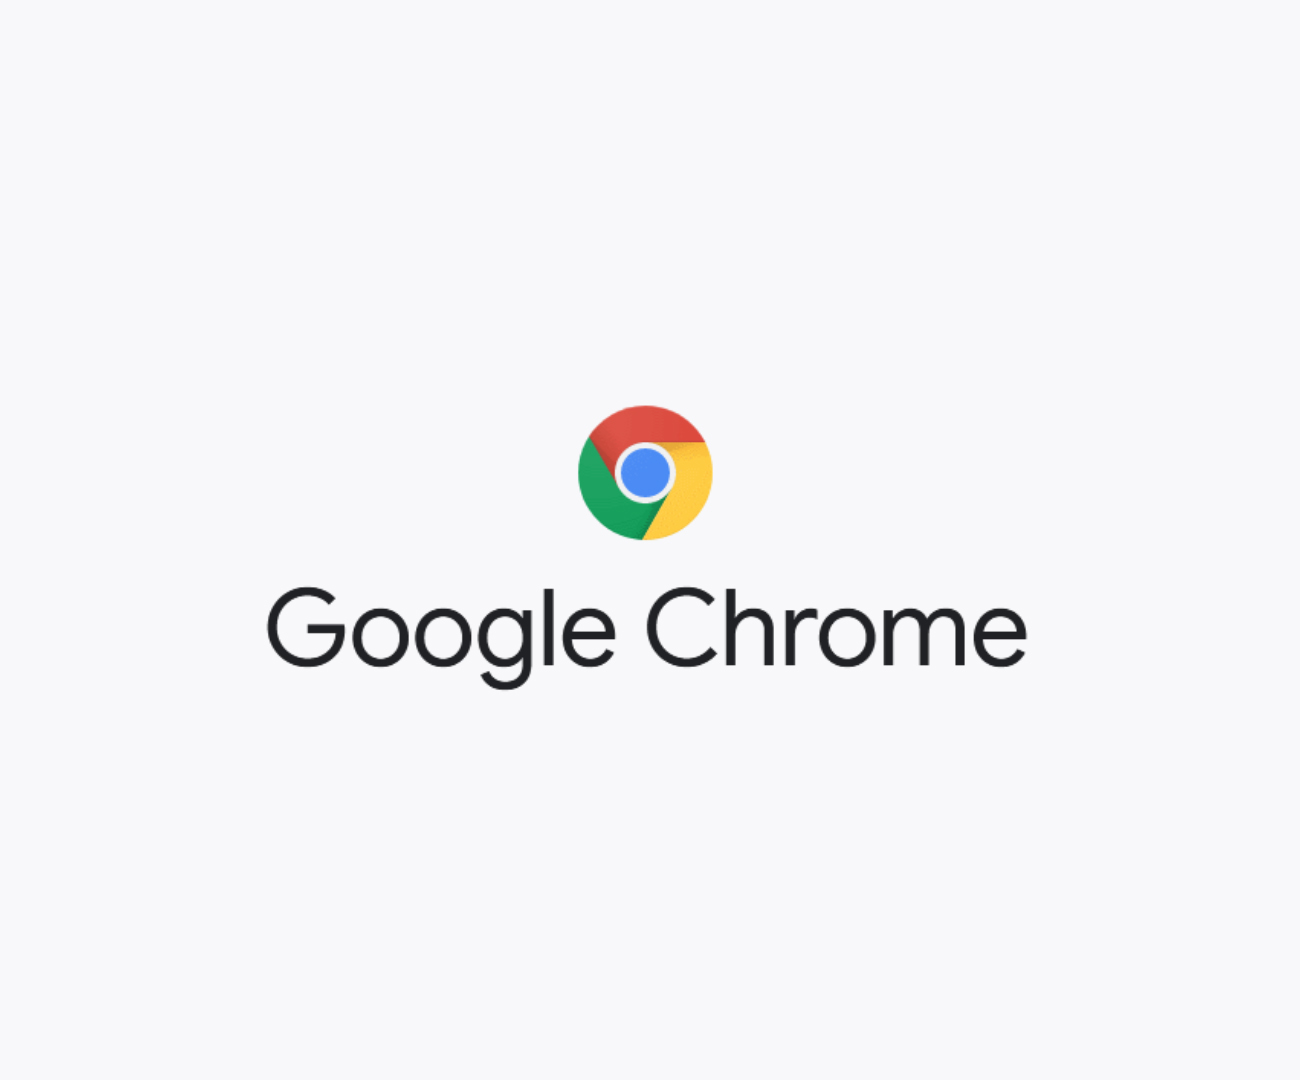 Coś mi przeglądarka szybciej działała, a to się okazał Google Chrome 87